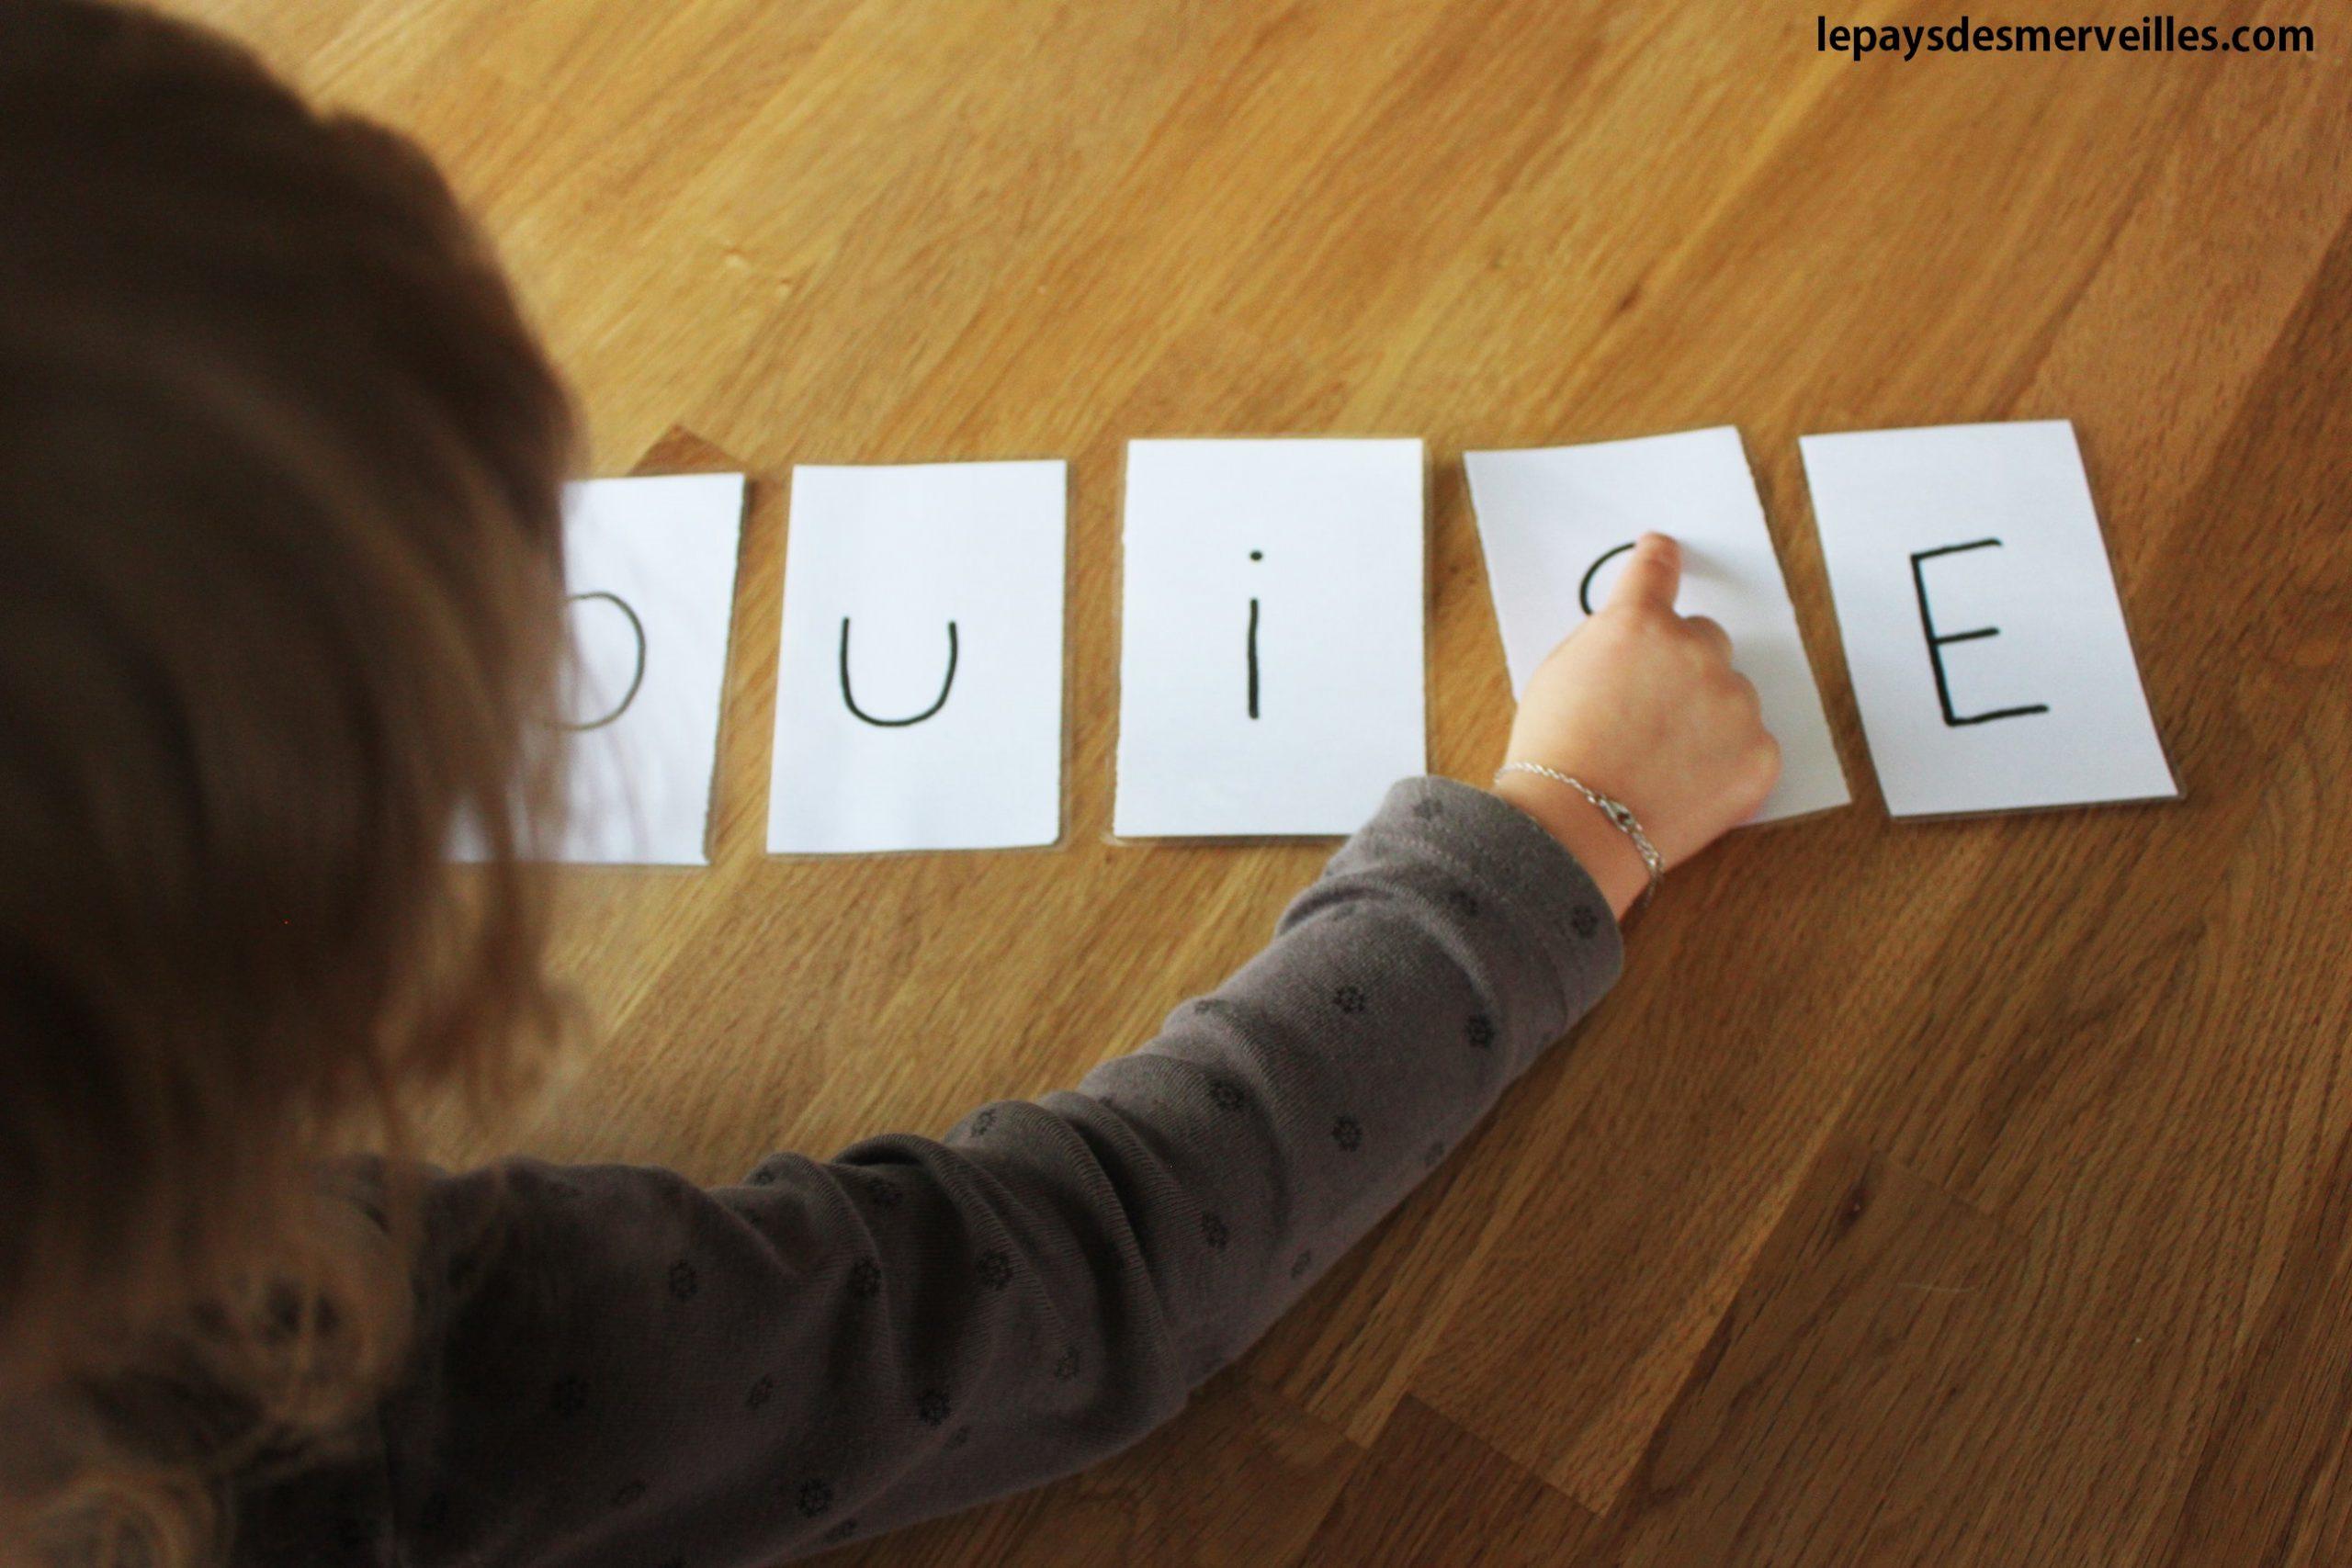 Etiquettes Pour Écrire Son Prénom + Tracer Son Prénom Avec tout Que Peut On Écrire Avec Les Lettres